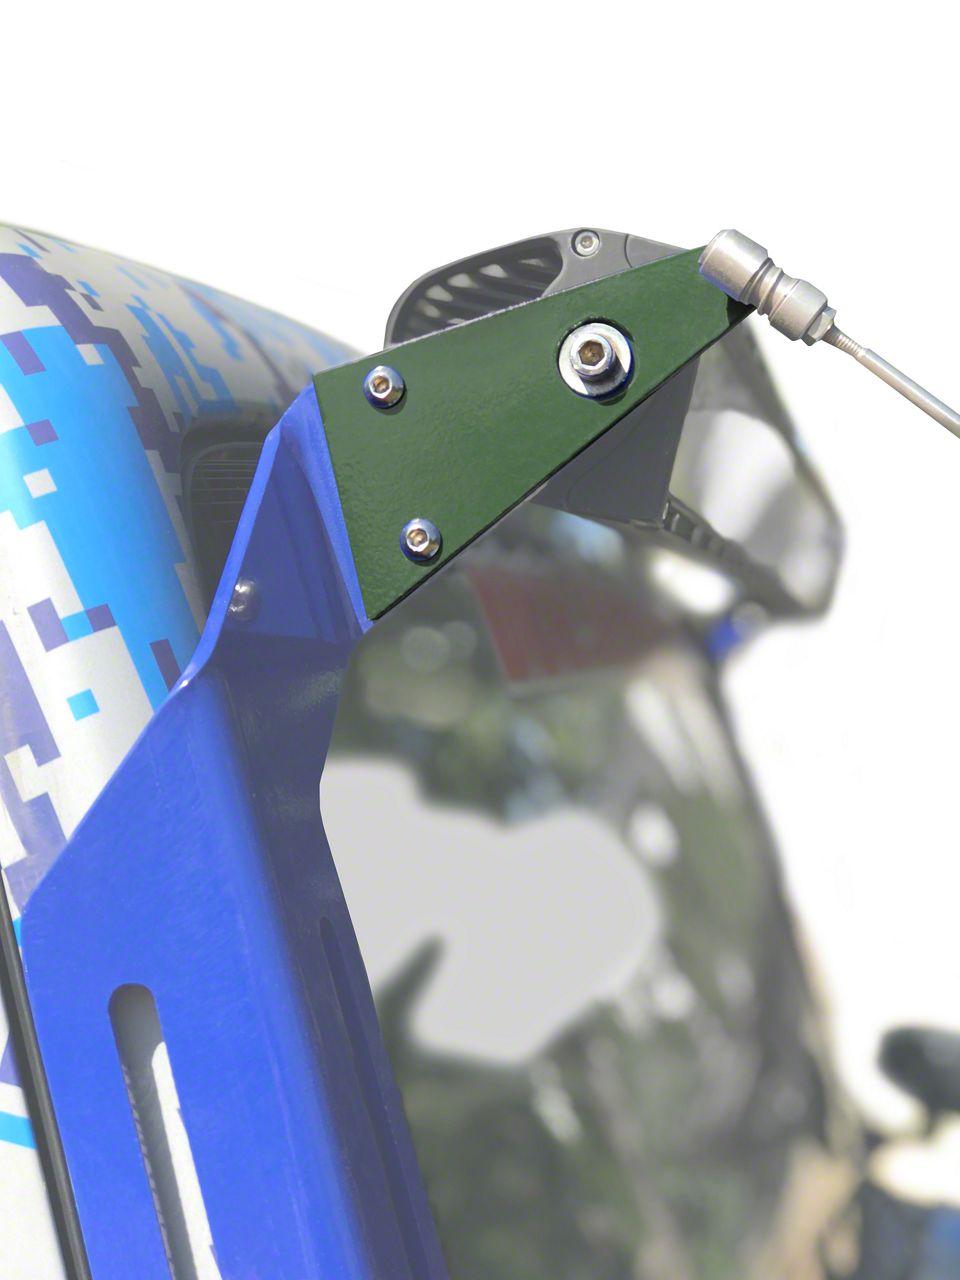 Steinjager A-Pillar Limb Riser Adaptor Brackets - Locas Green (07-18 Jeep Wrangler JK)